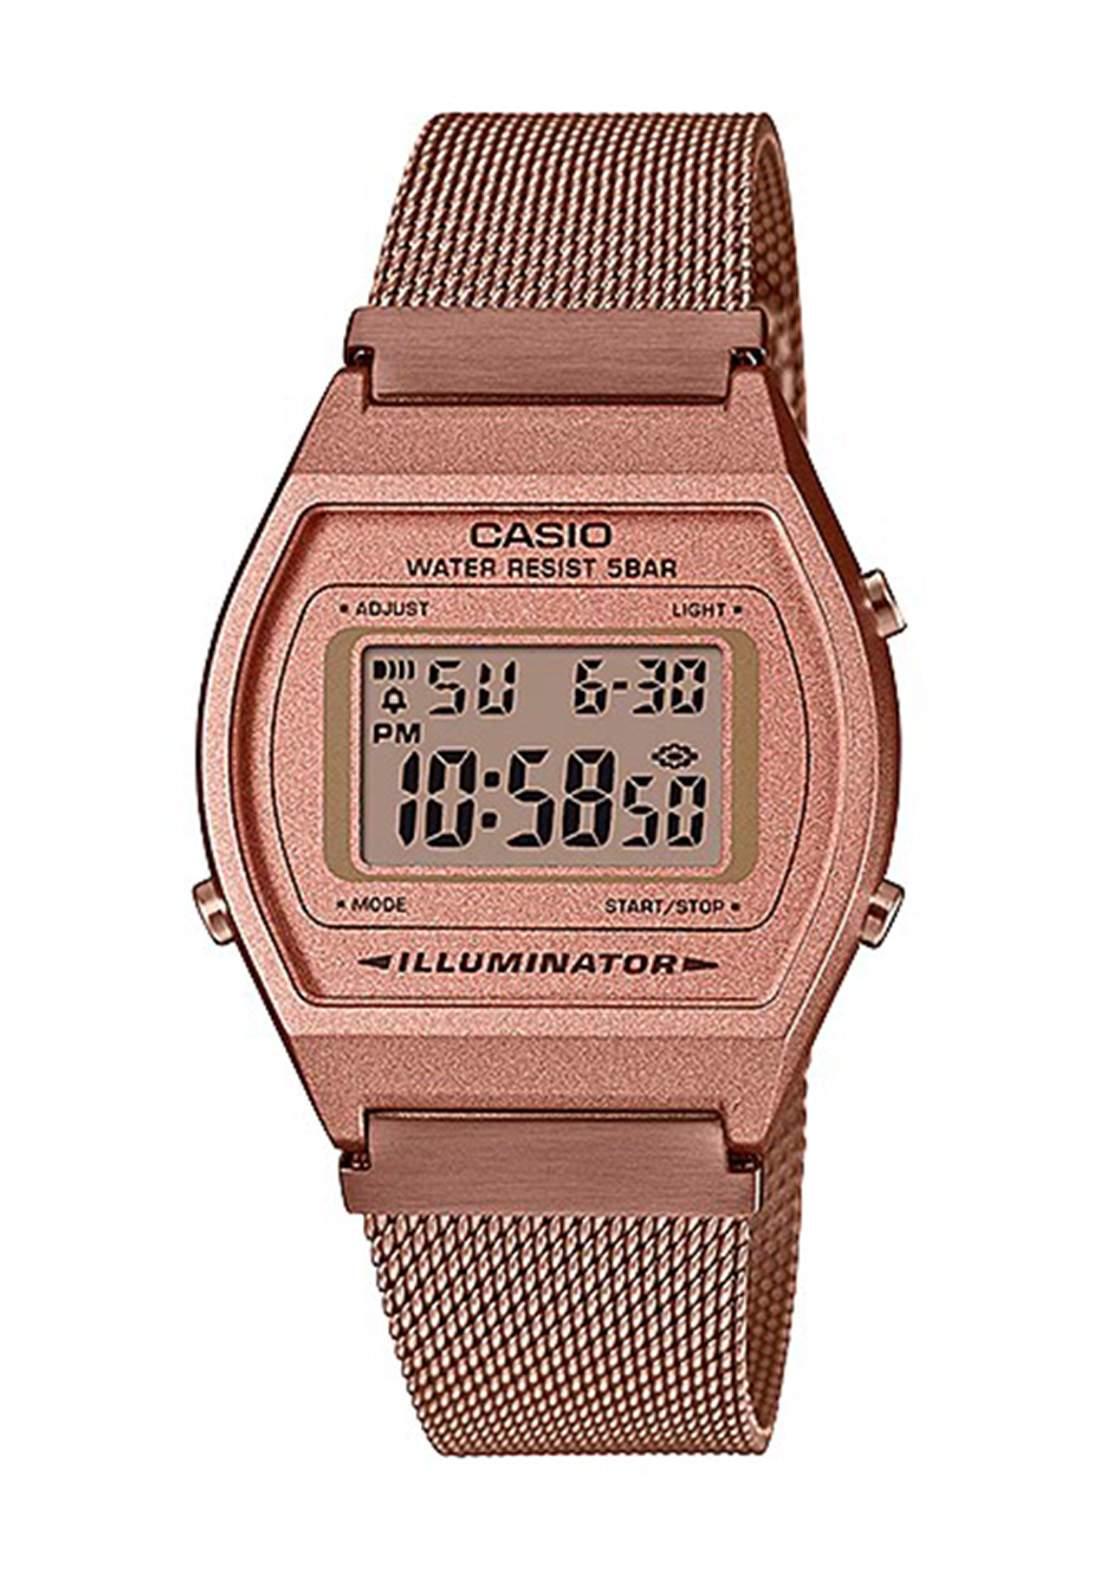 Casio B640WMR-5ADF Women's Watch (ROSE GOLD) ساعة نسائية